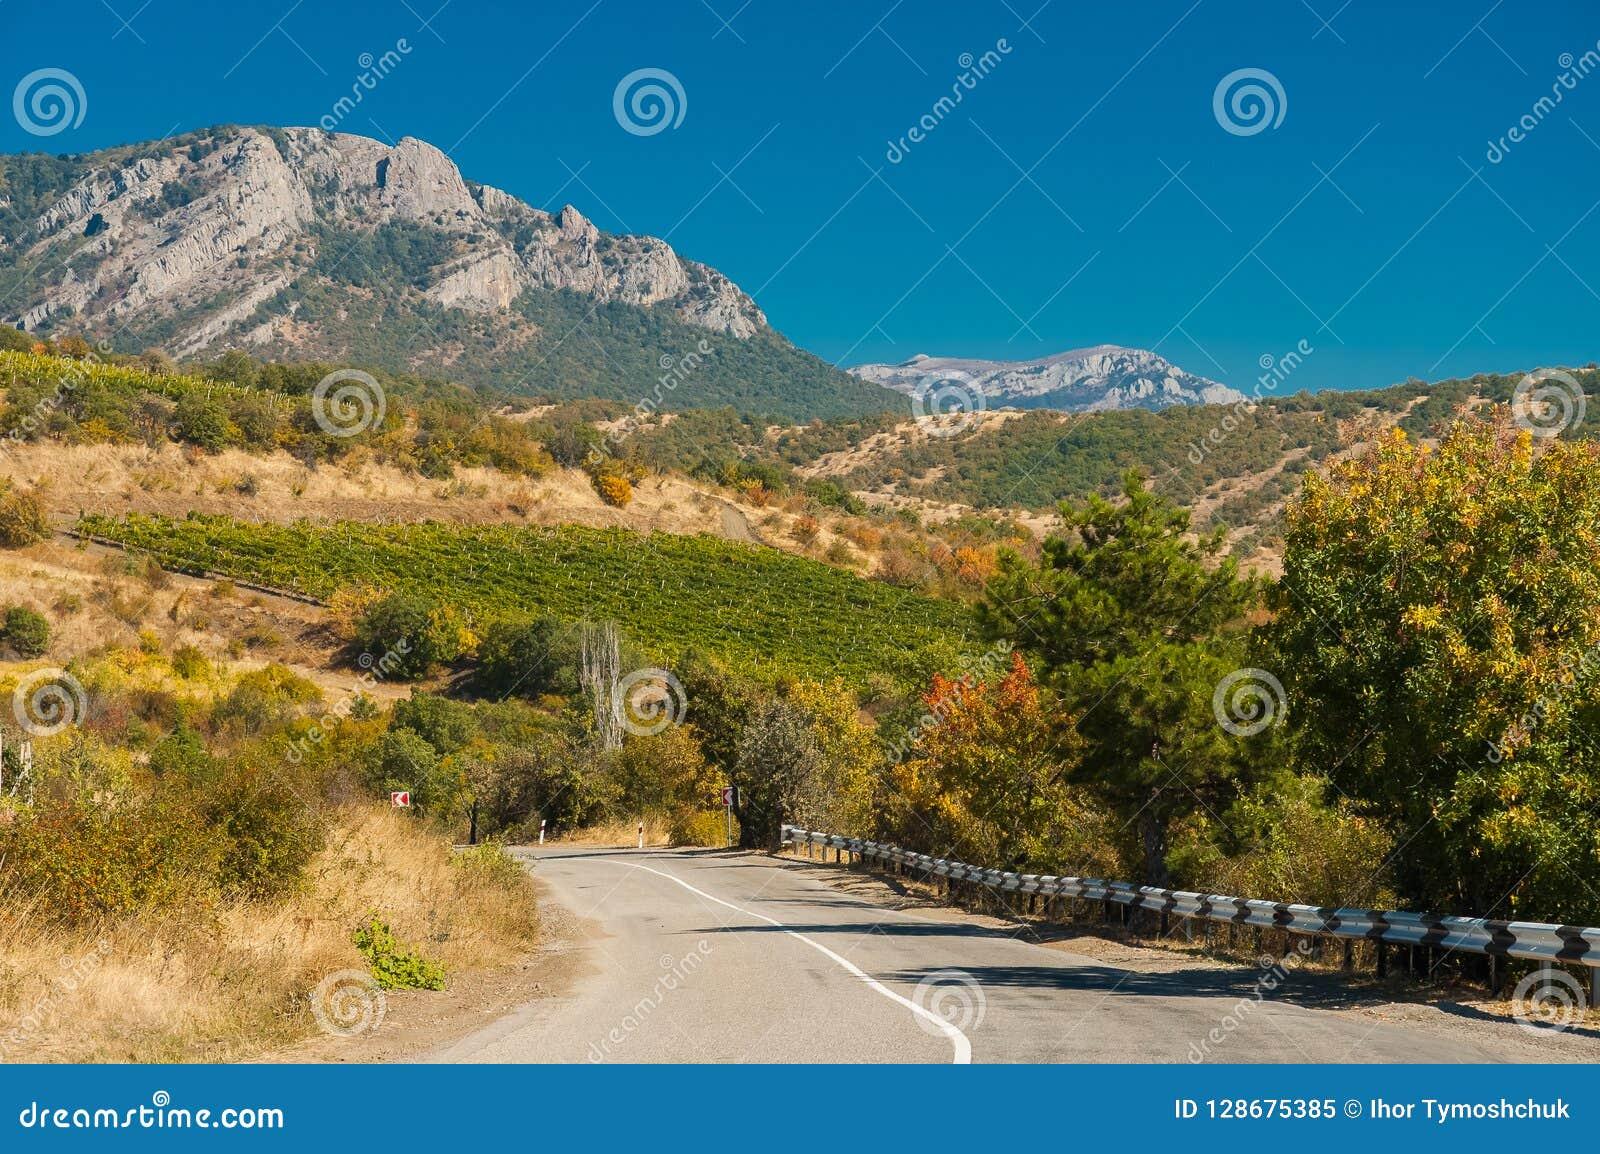 Una carretera con curvas contra el contexto de viñedos